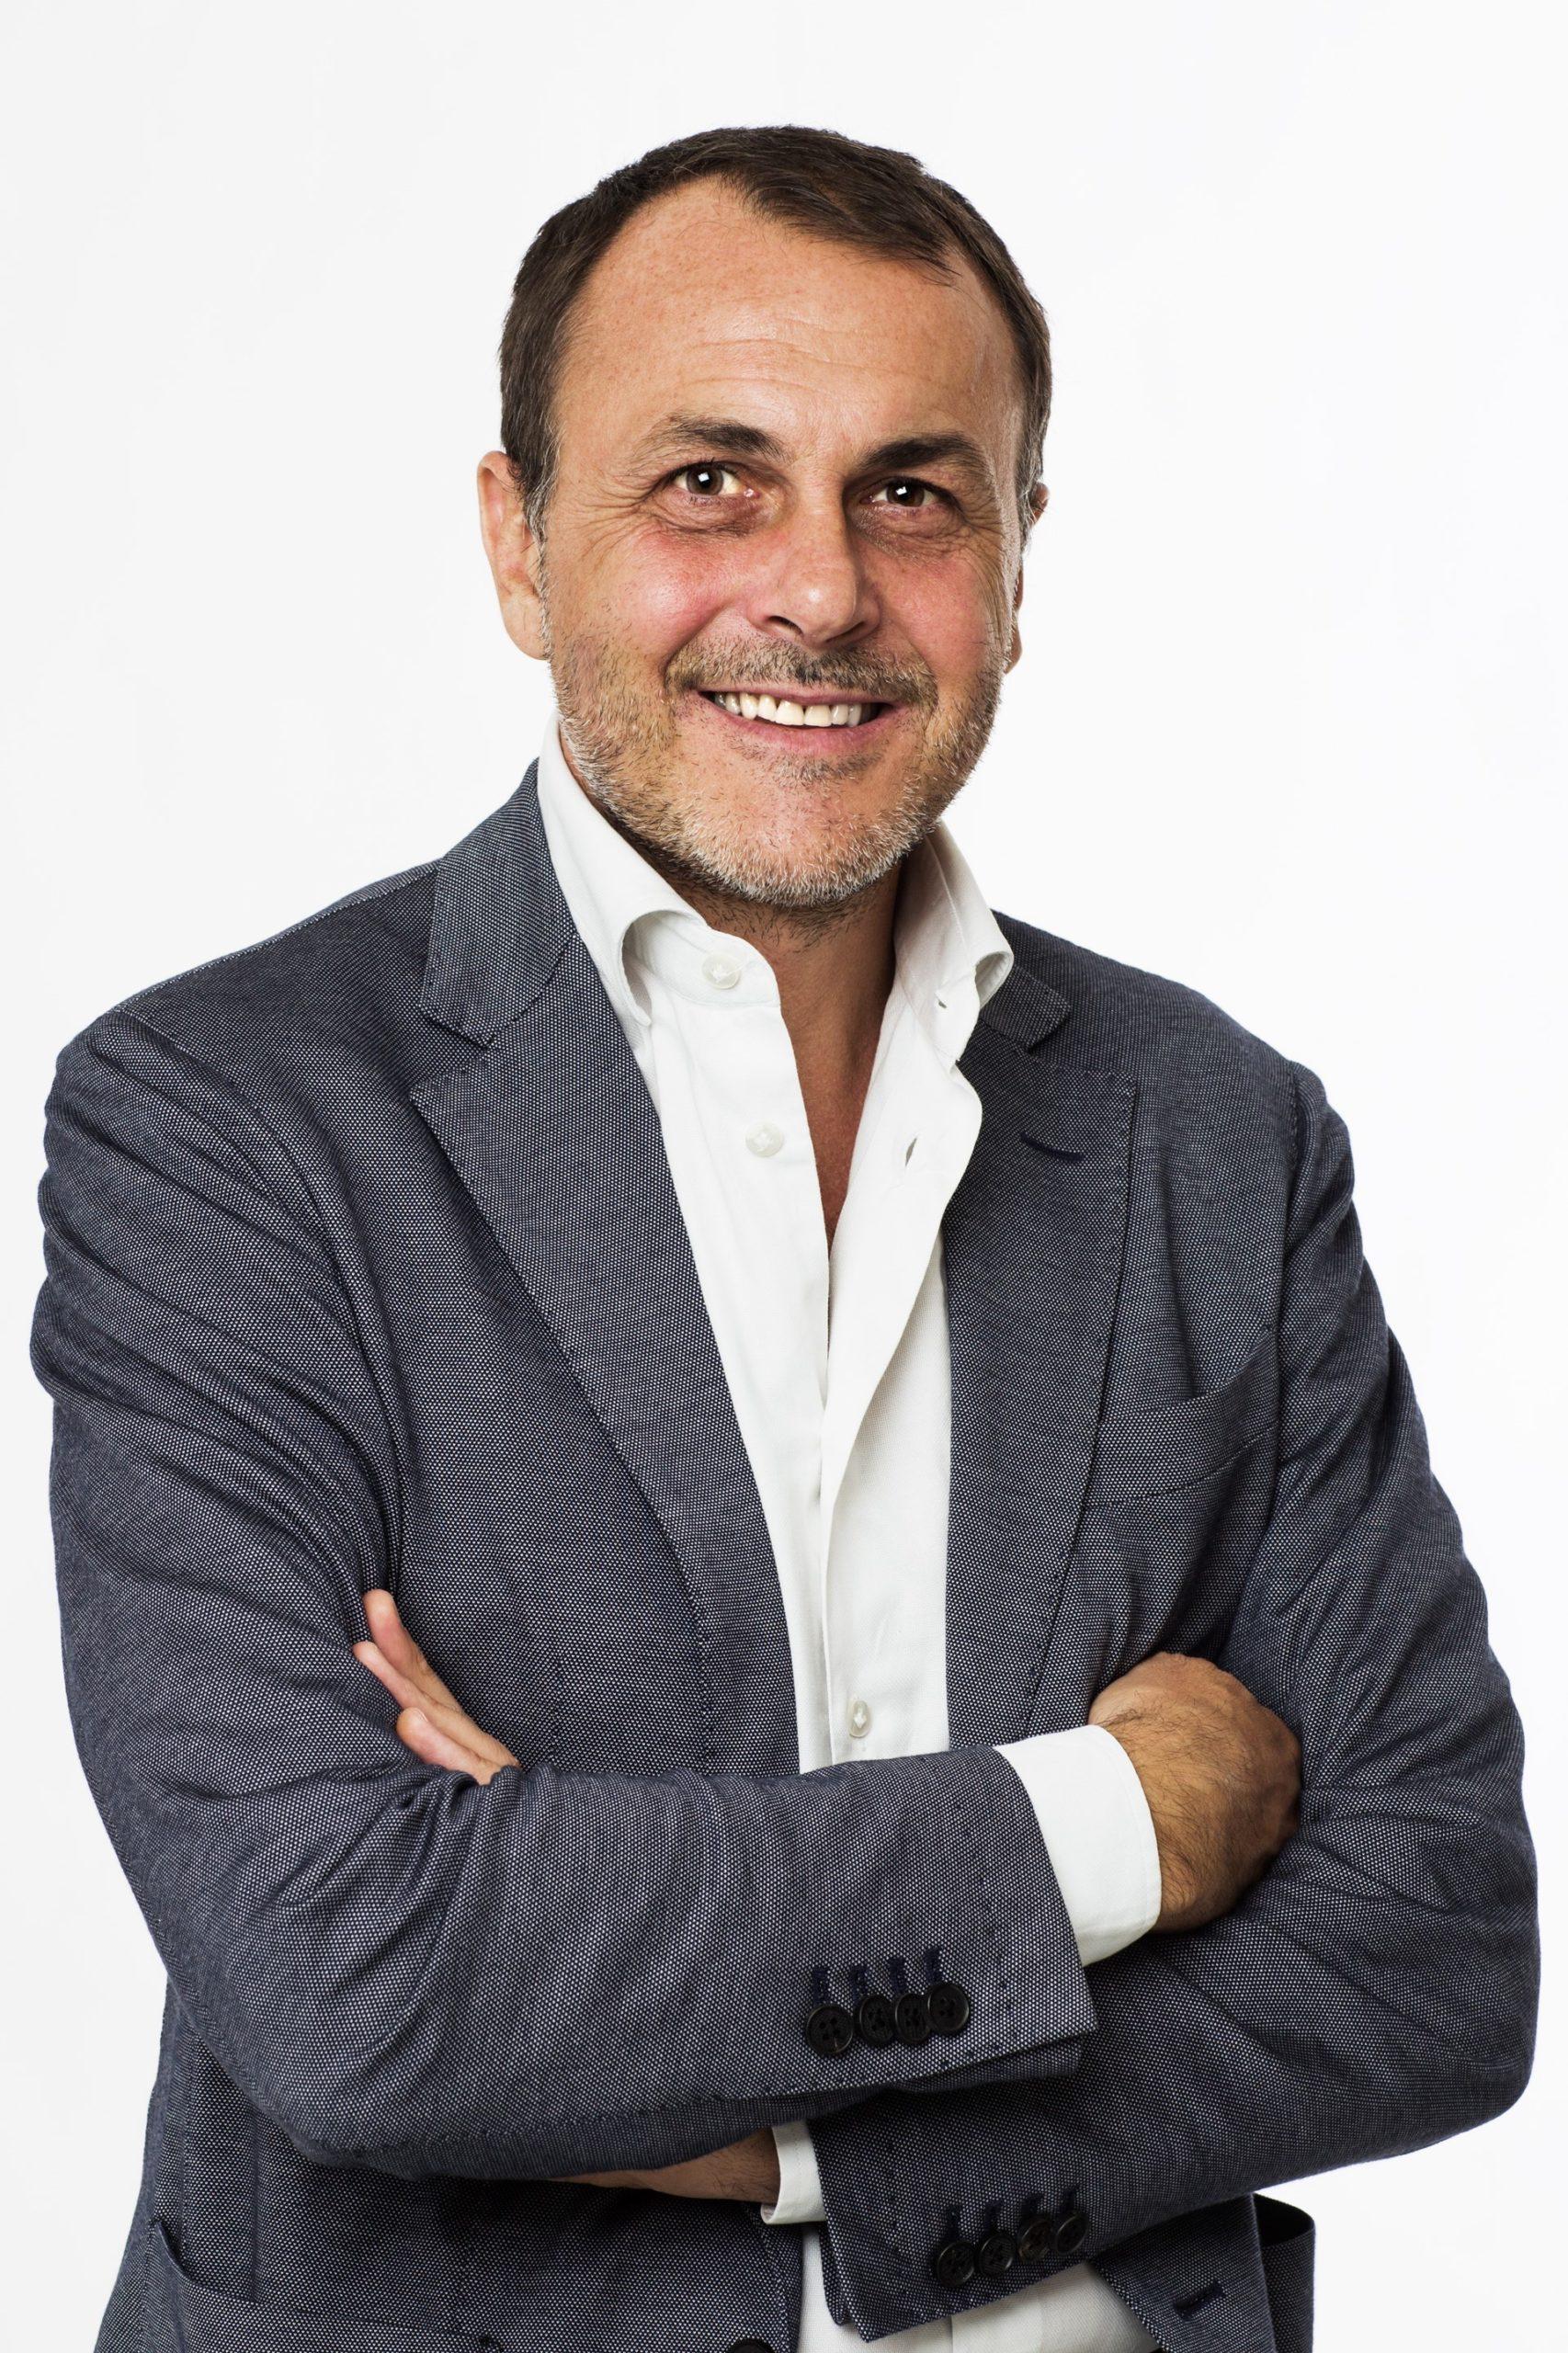 Emidio Mansi